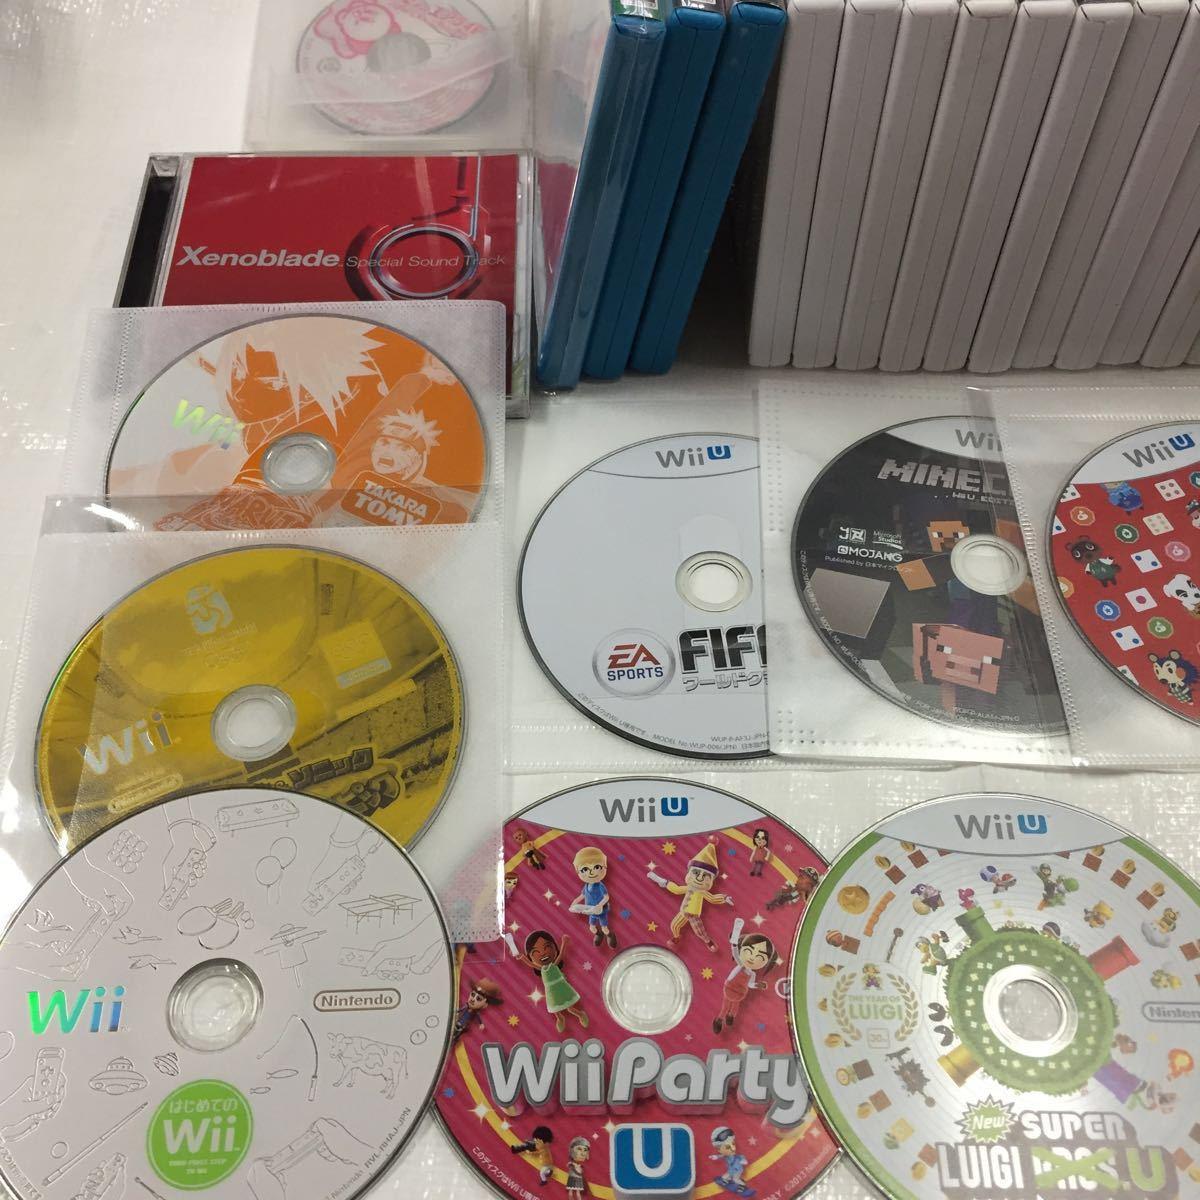 【ジャンク】任天堂Wii WiiUソフトまとめ売り ソフト大量 ニンテンドー ゲームキューブソフト Wiiパーティ はじめてのWii_画像2